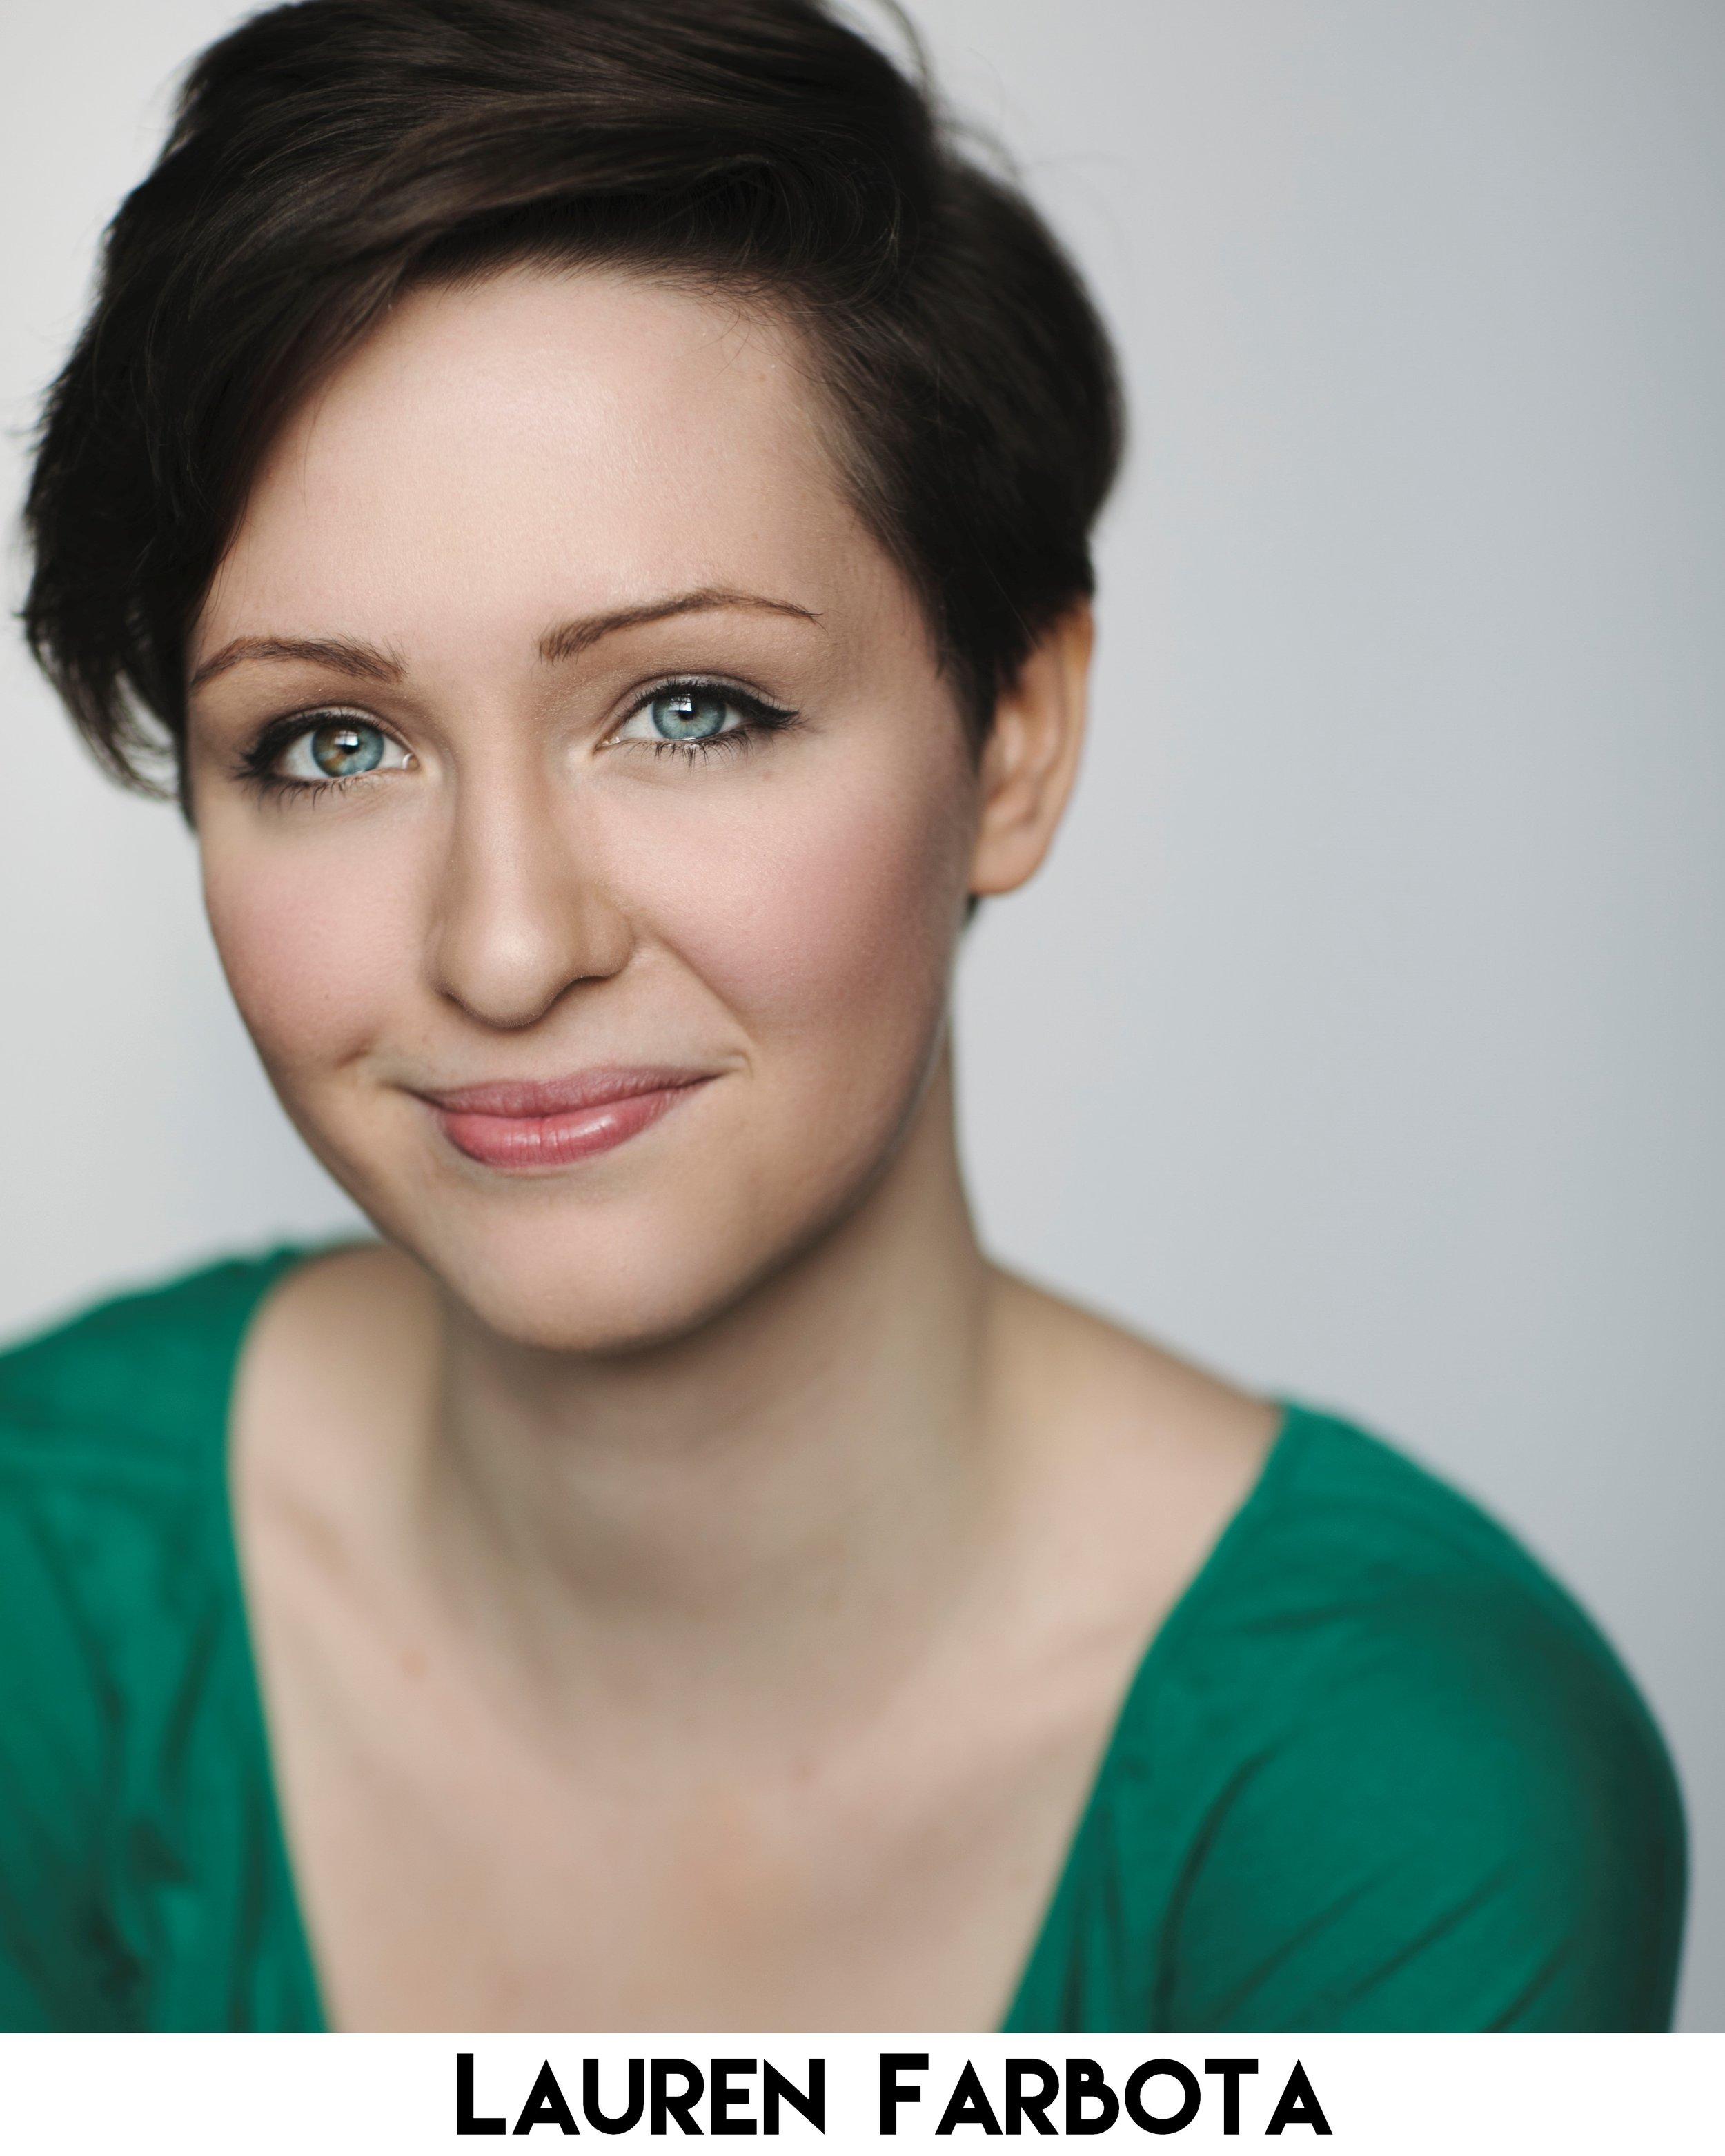 Lauren Farbota Headshot.jpg